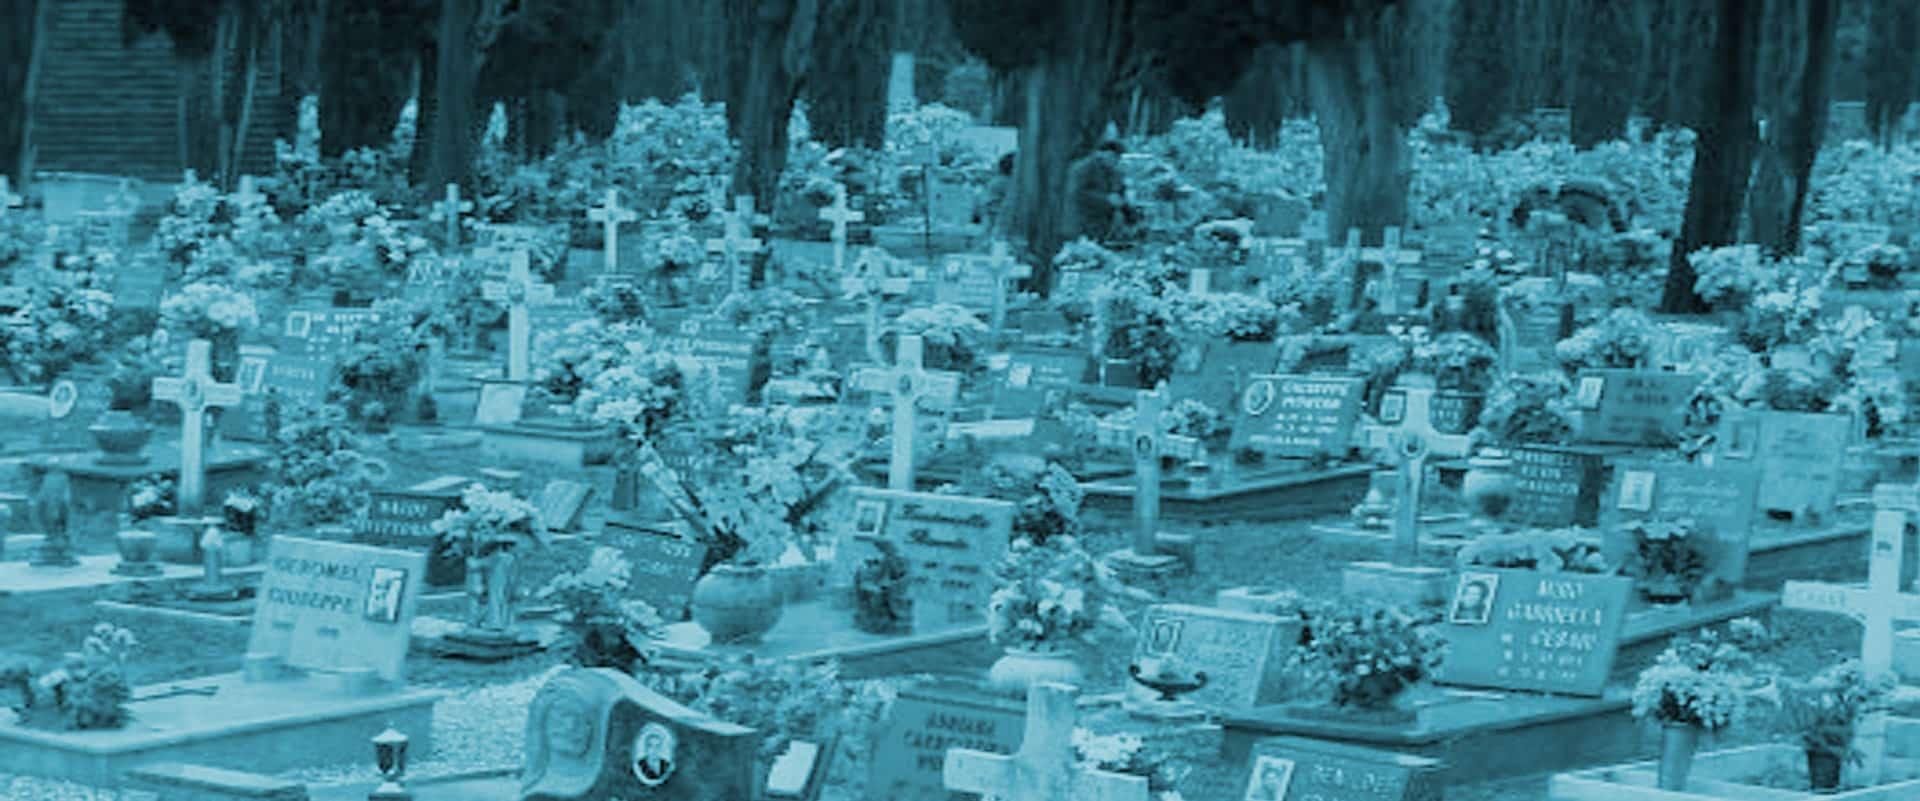 Prenotazioni sepolture o loculi cimiteriali